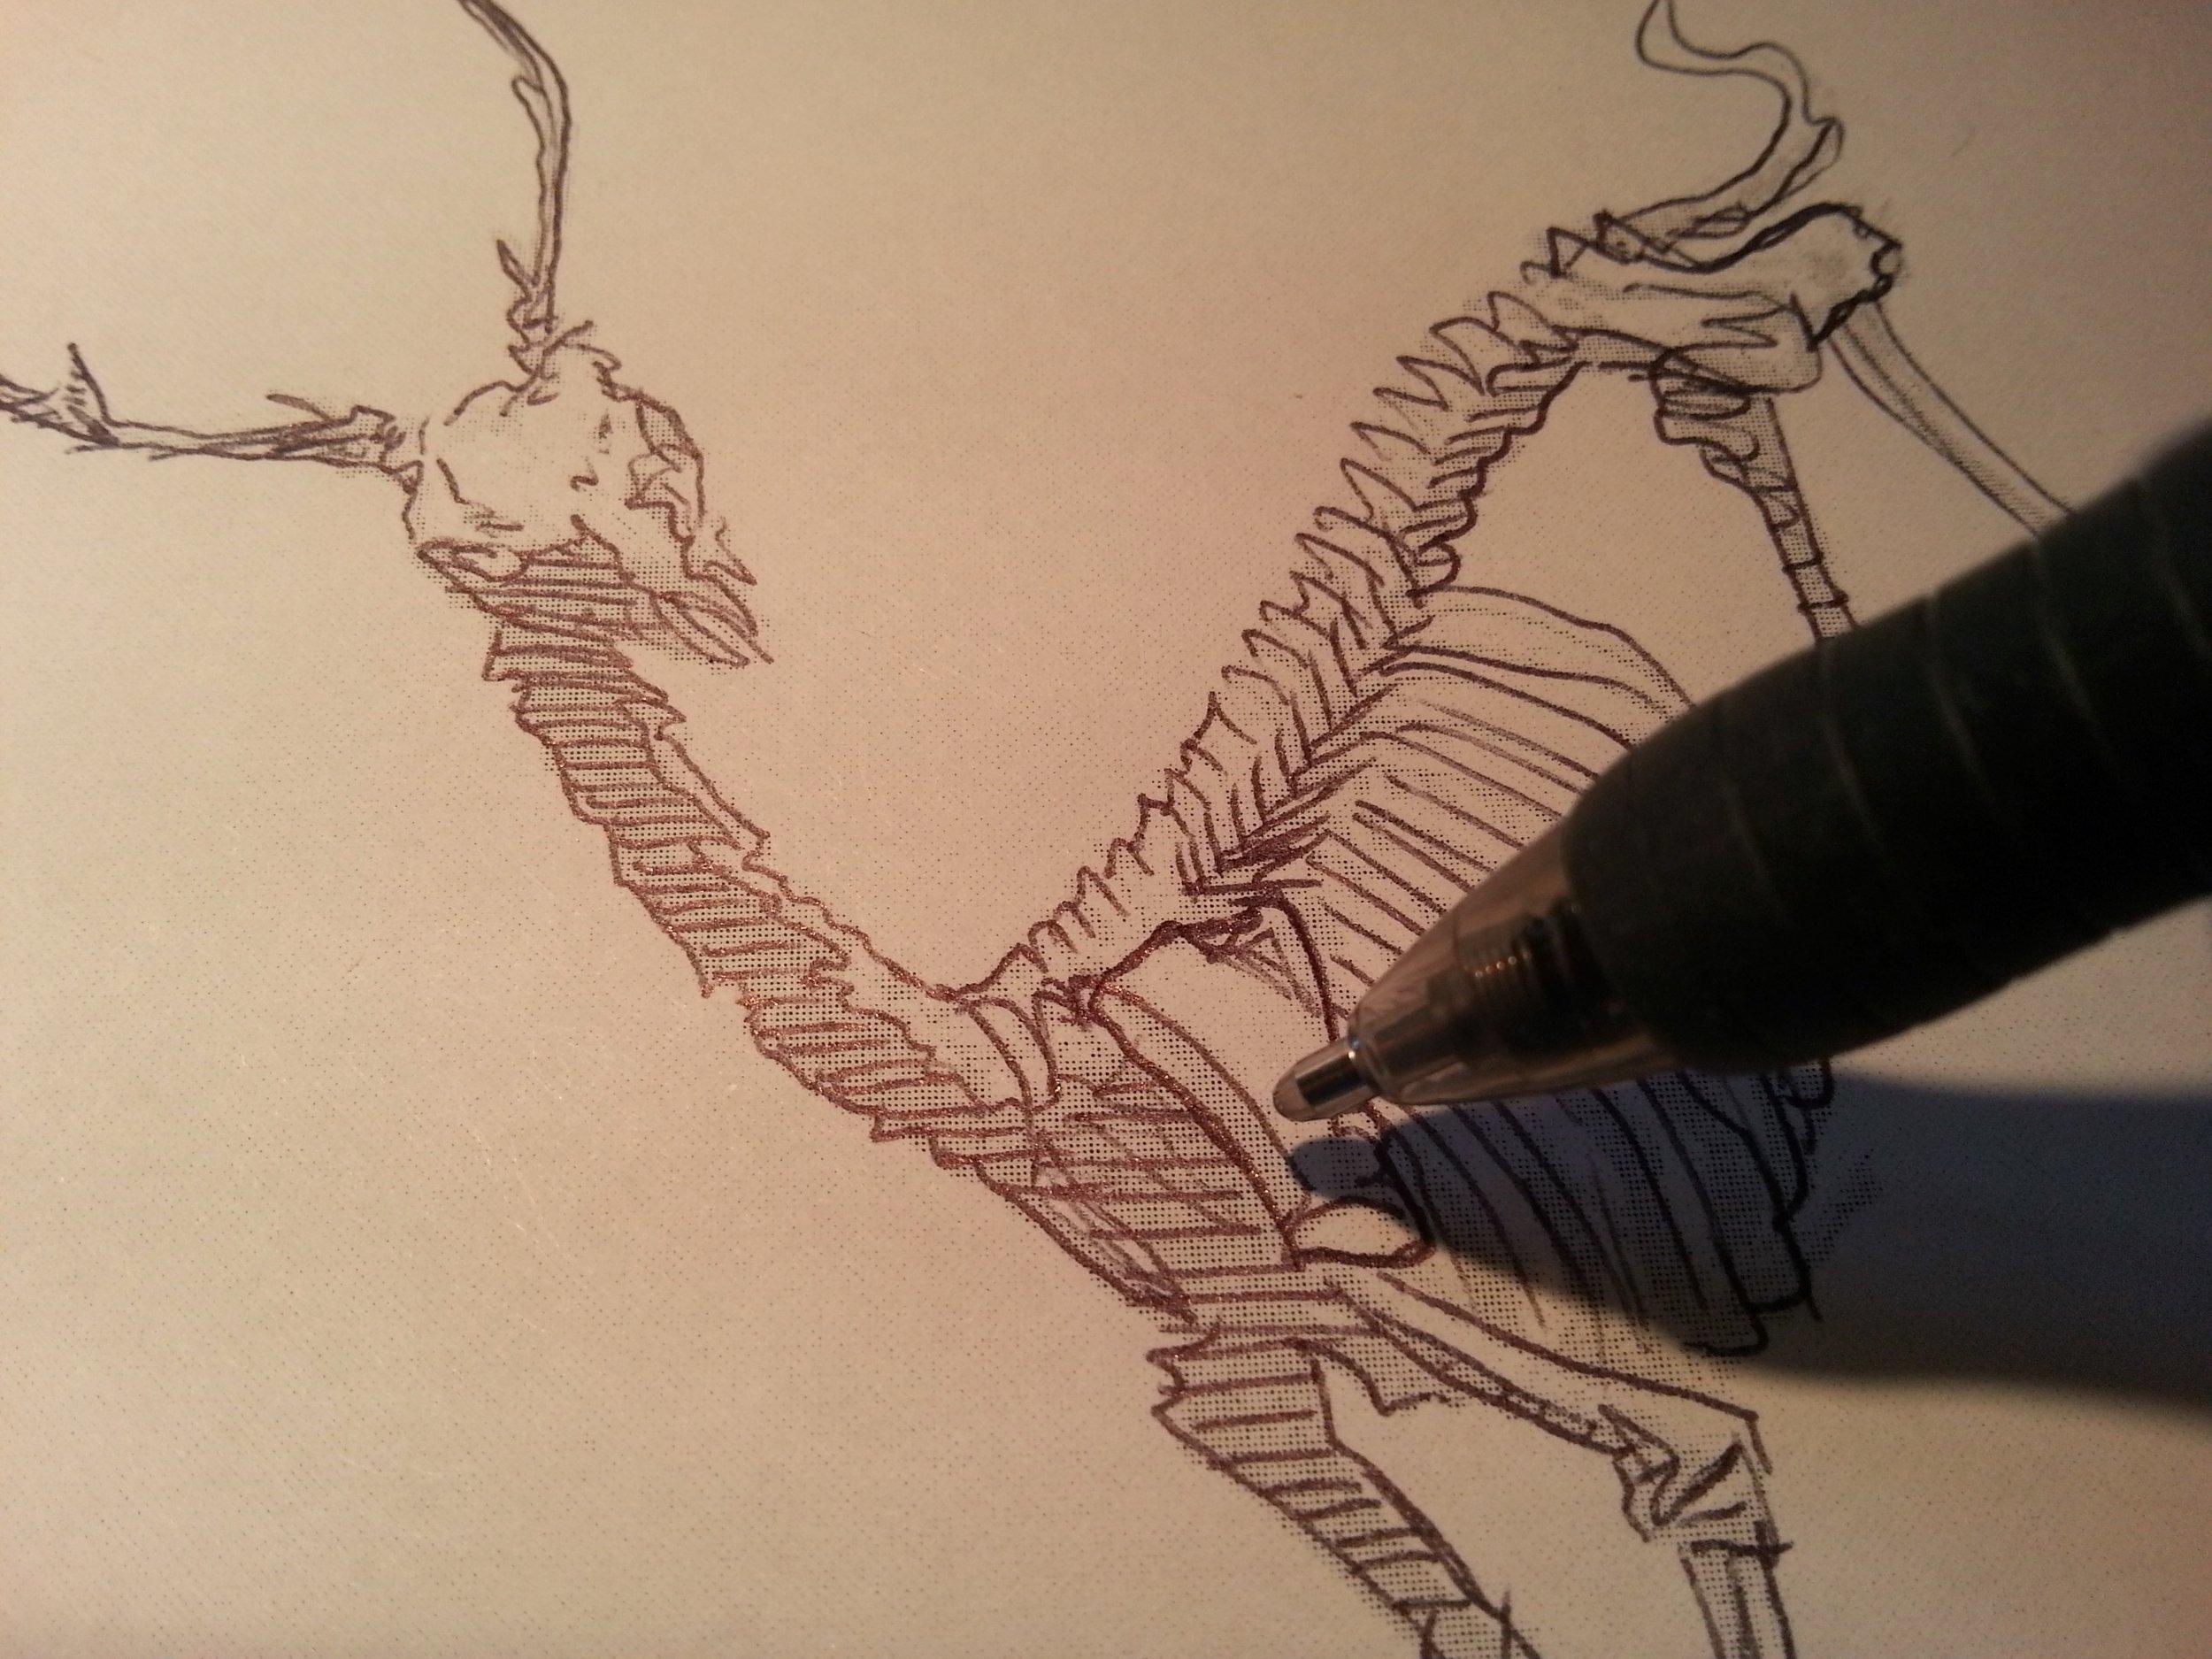 deer_illo_sketch1.jpg